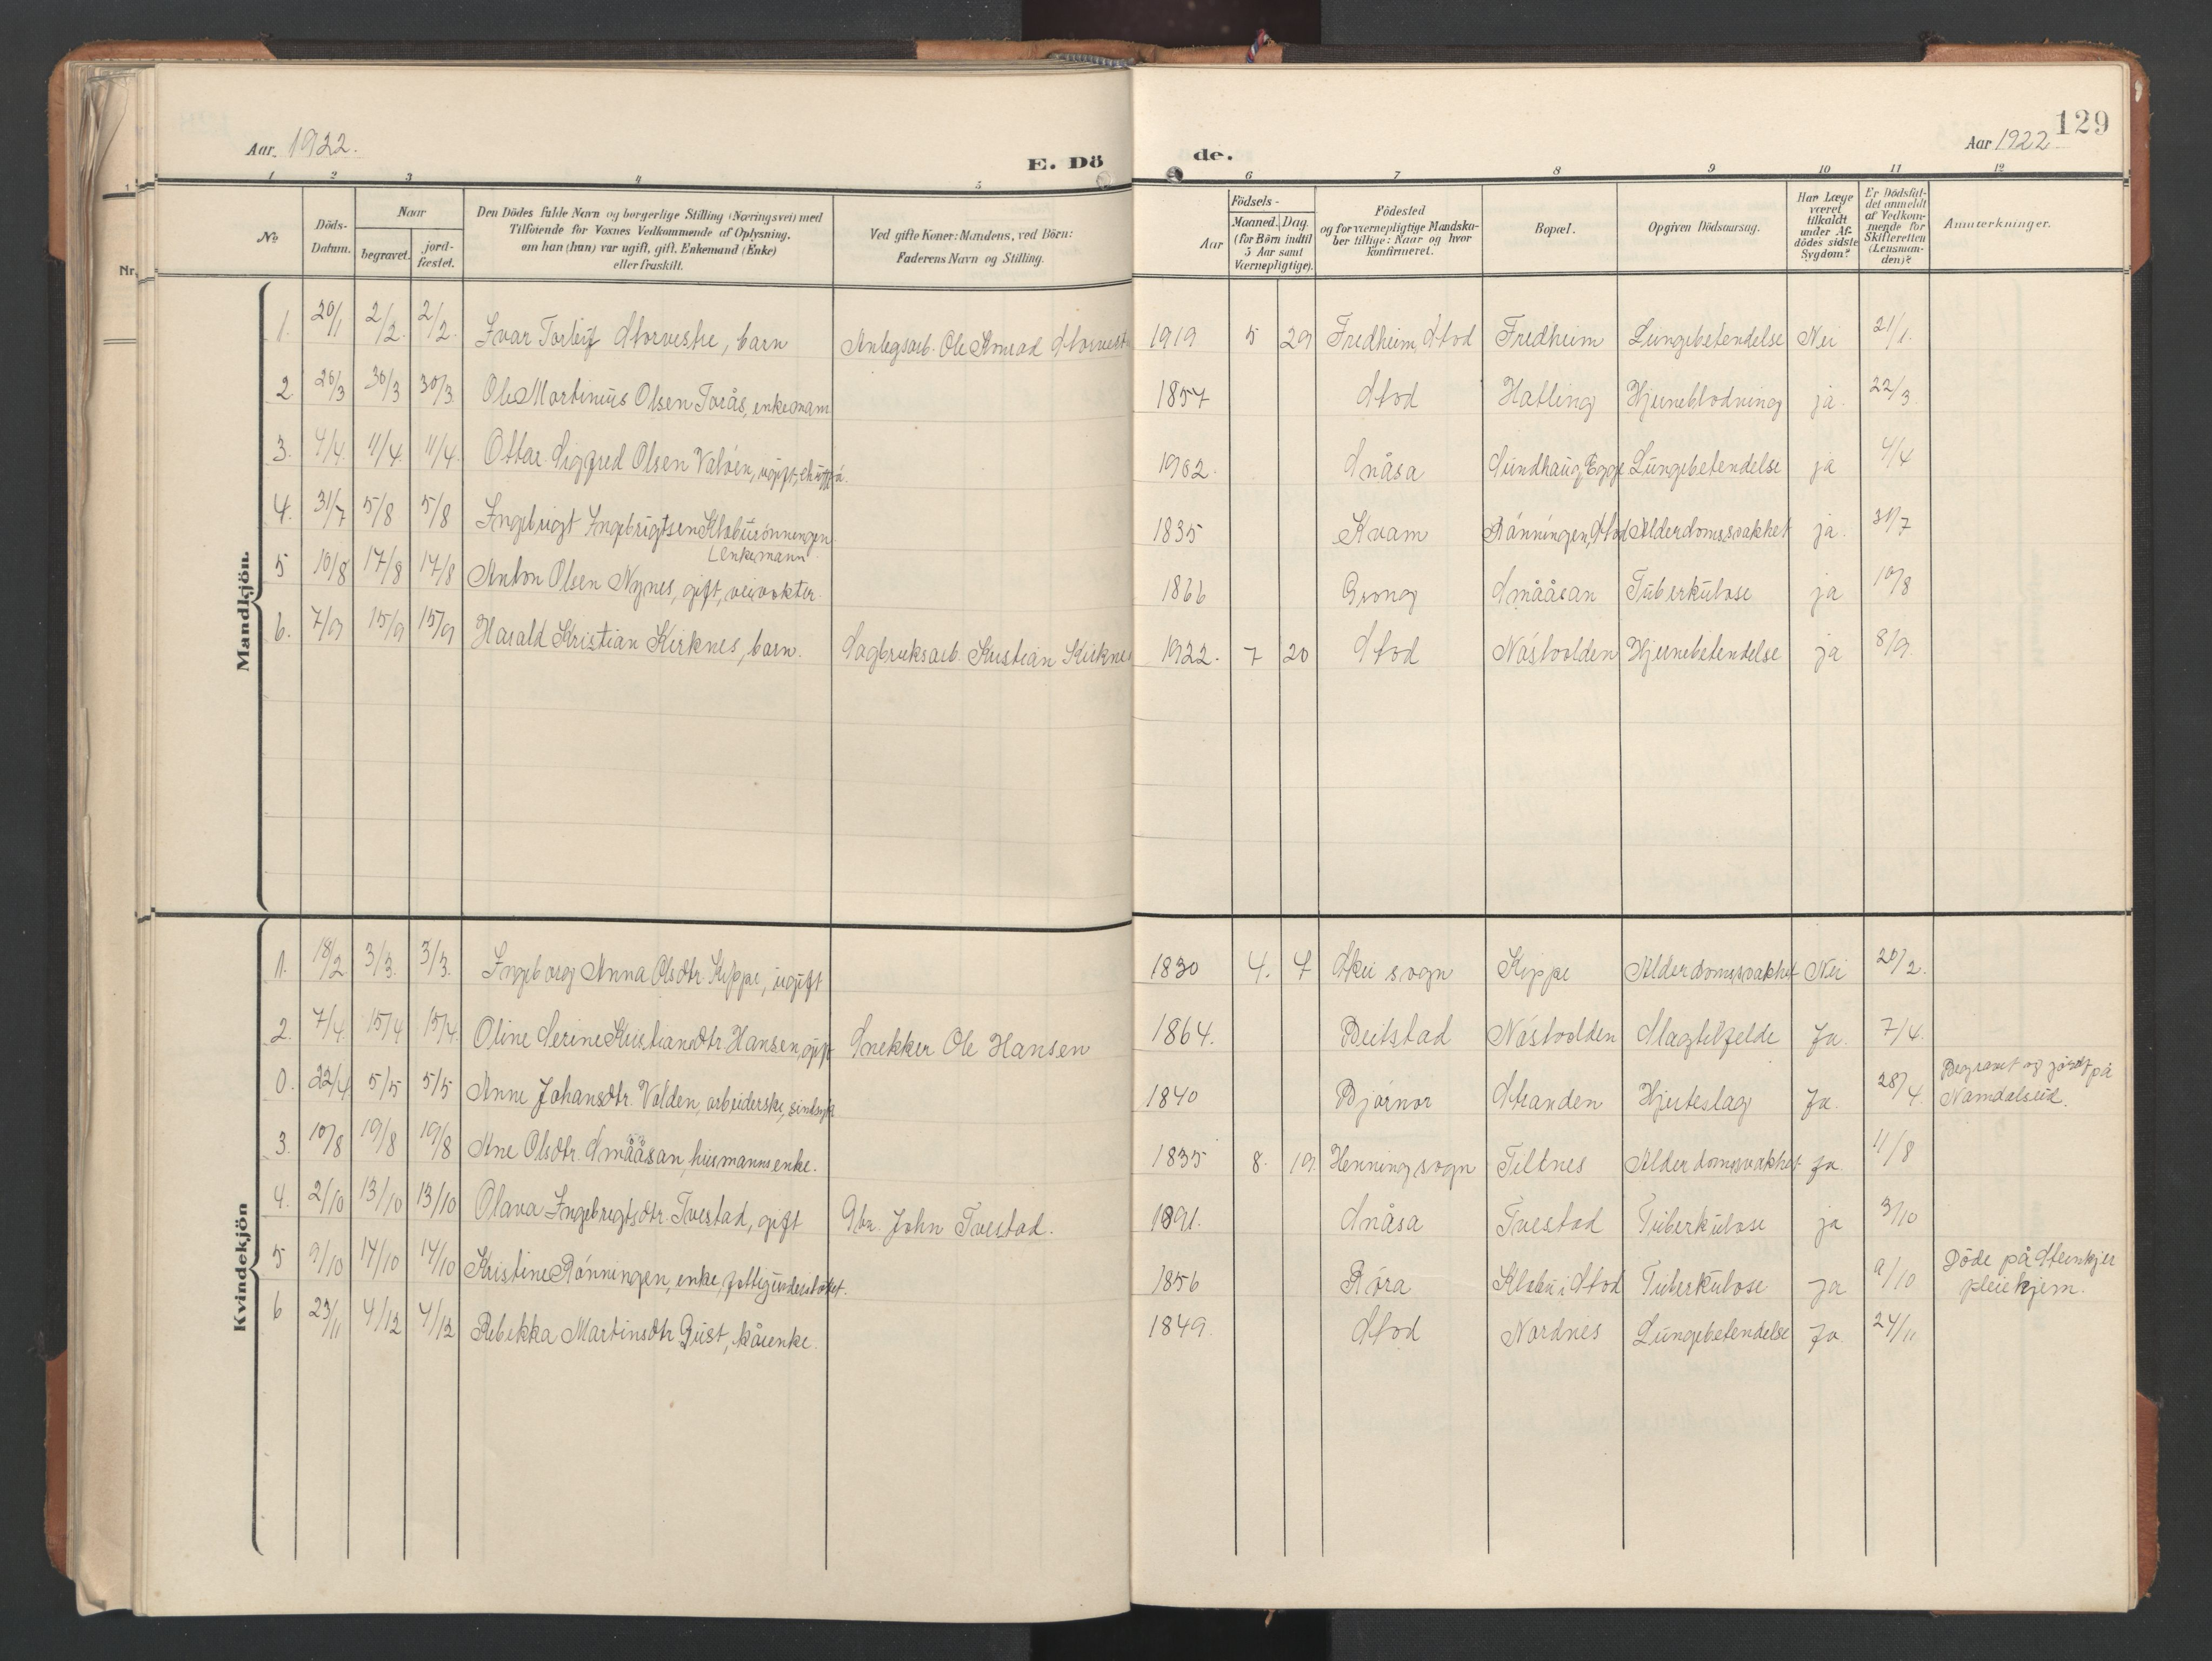 SAT, Ministerialprotokoller, klokkerbøker og fødselsregistre - Nord-Trøndelag, 746/L0455: Klokkerbok nr. 746C01, 1908-1933, s. 129